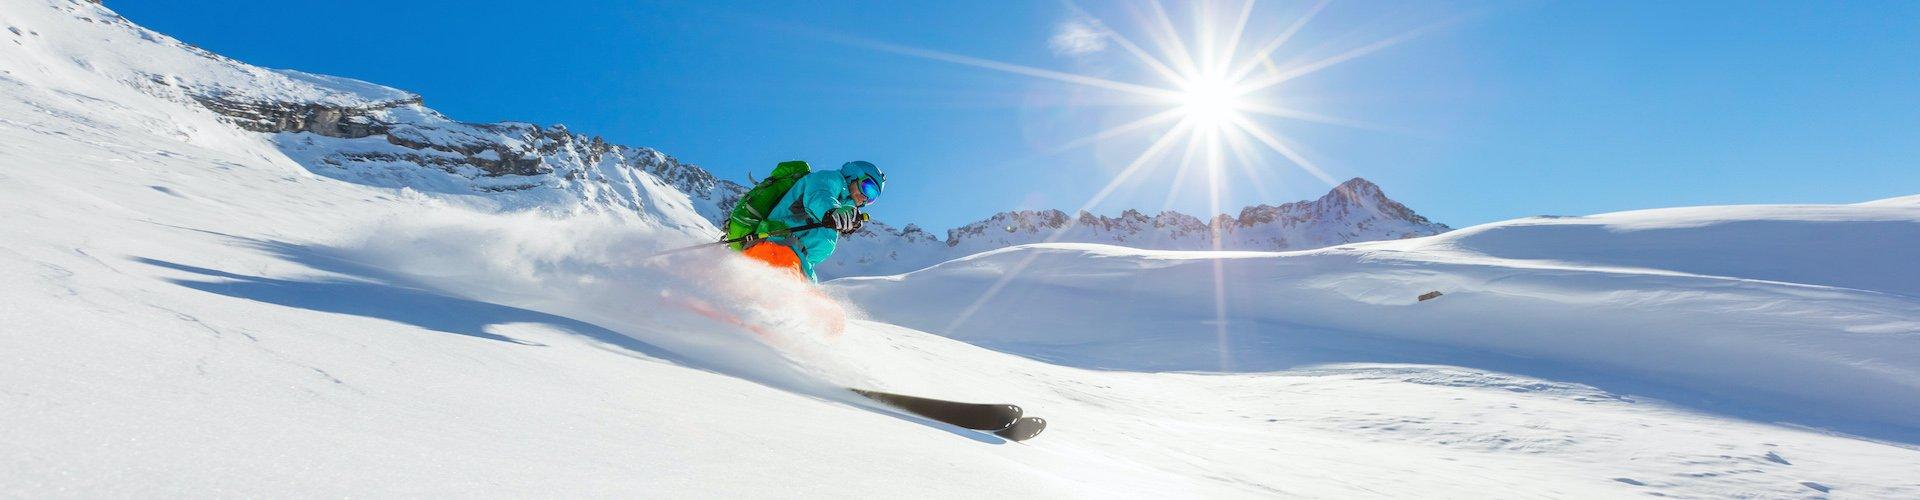 Skiregion Tiroler Zugspitzarena